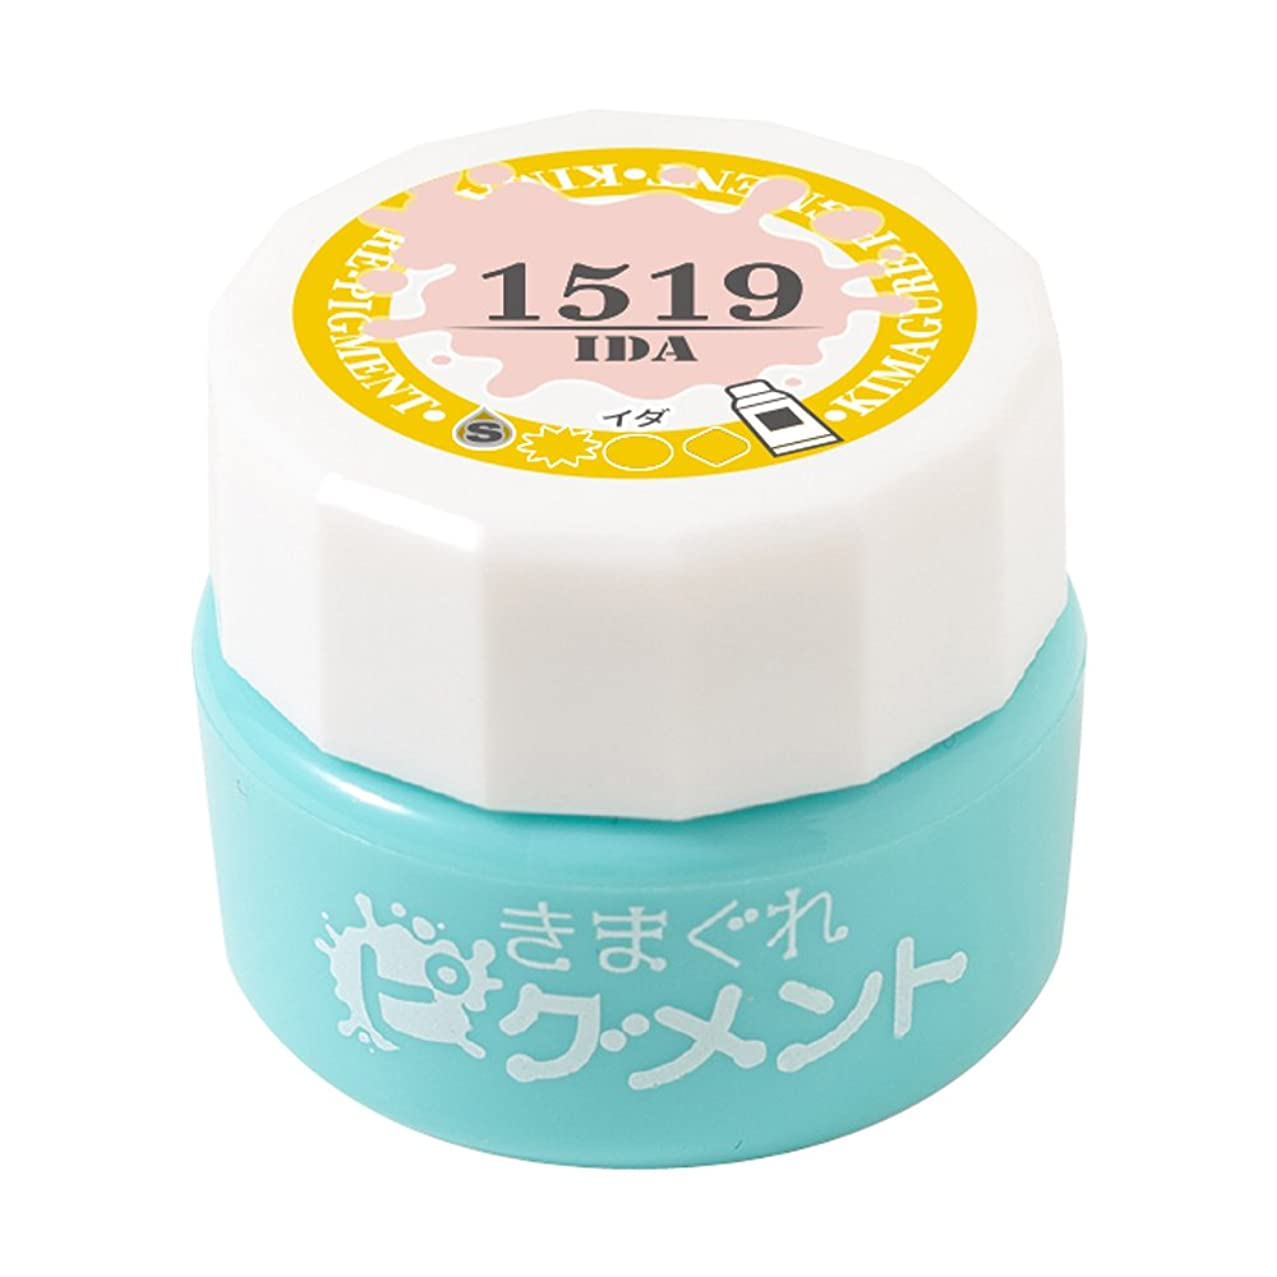 ループメタルライン格差Bettygel きまぐれピグメント イダ QYJ-1519 4g UV/LED対応